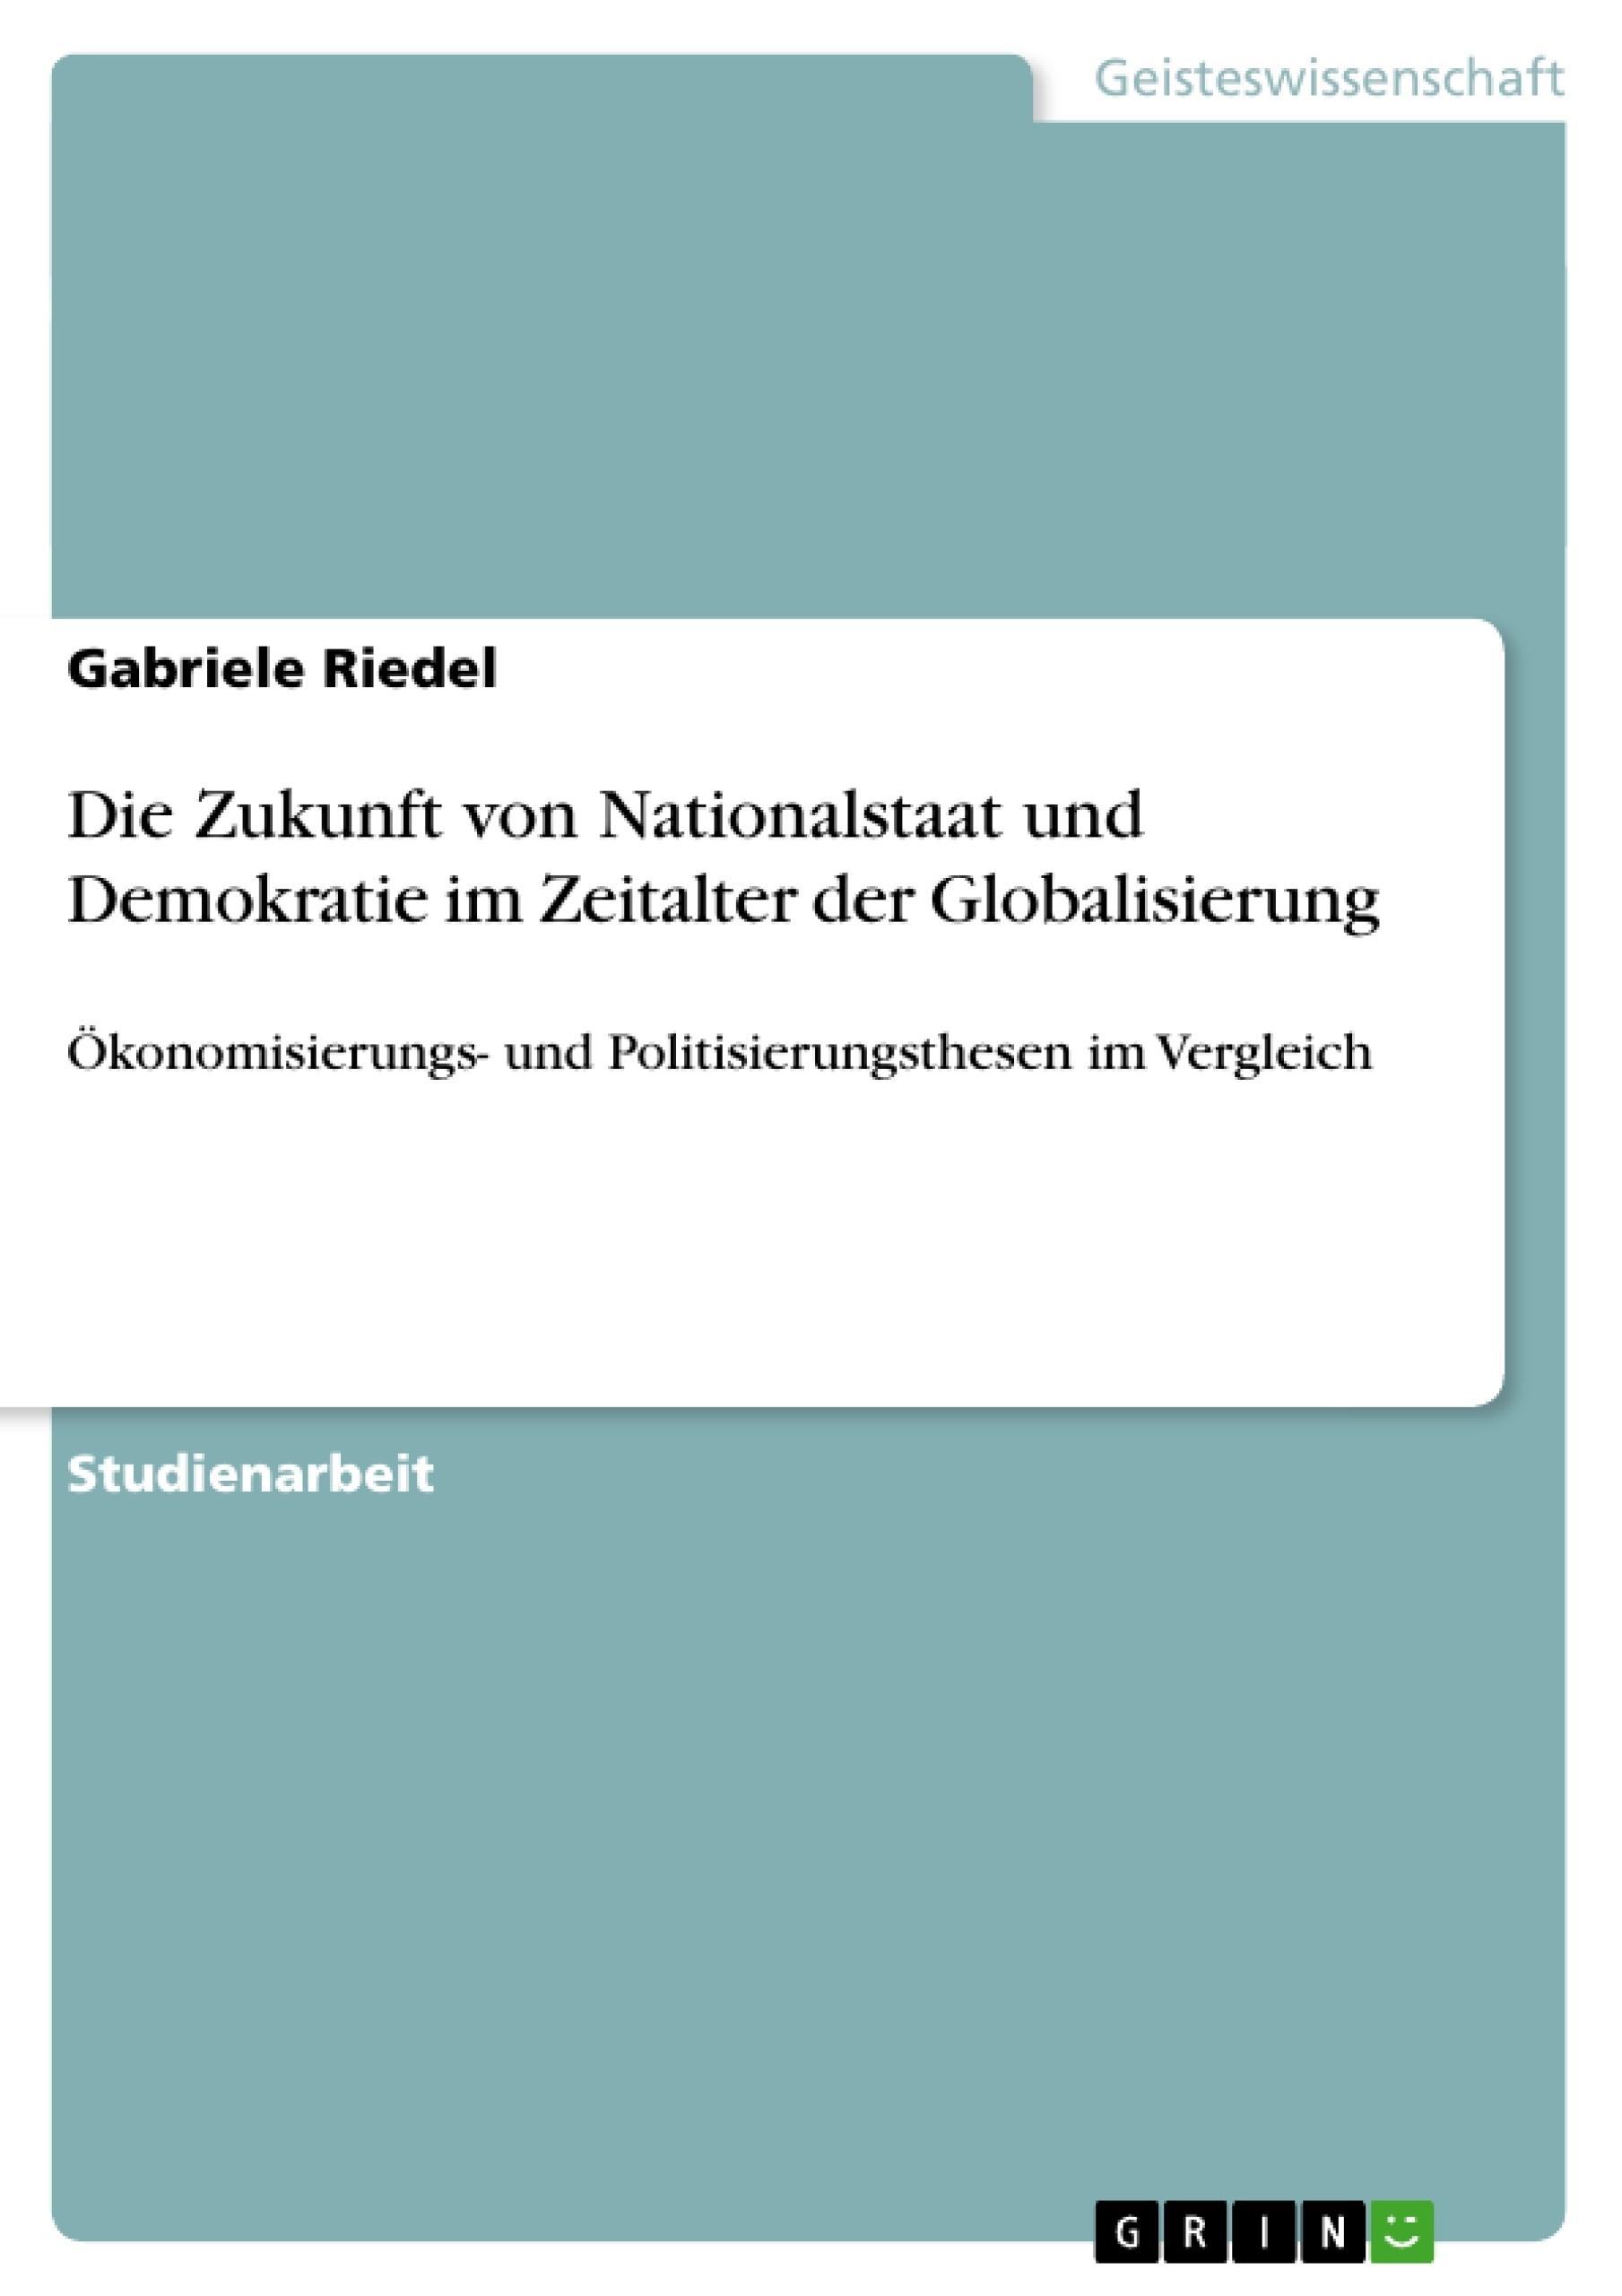 Titel: Die Zukunft von Nationalstaat und Demokratie im Zeitalter der Globalisierung